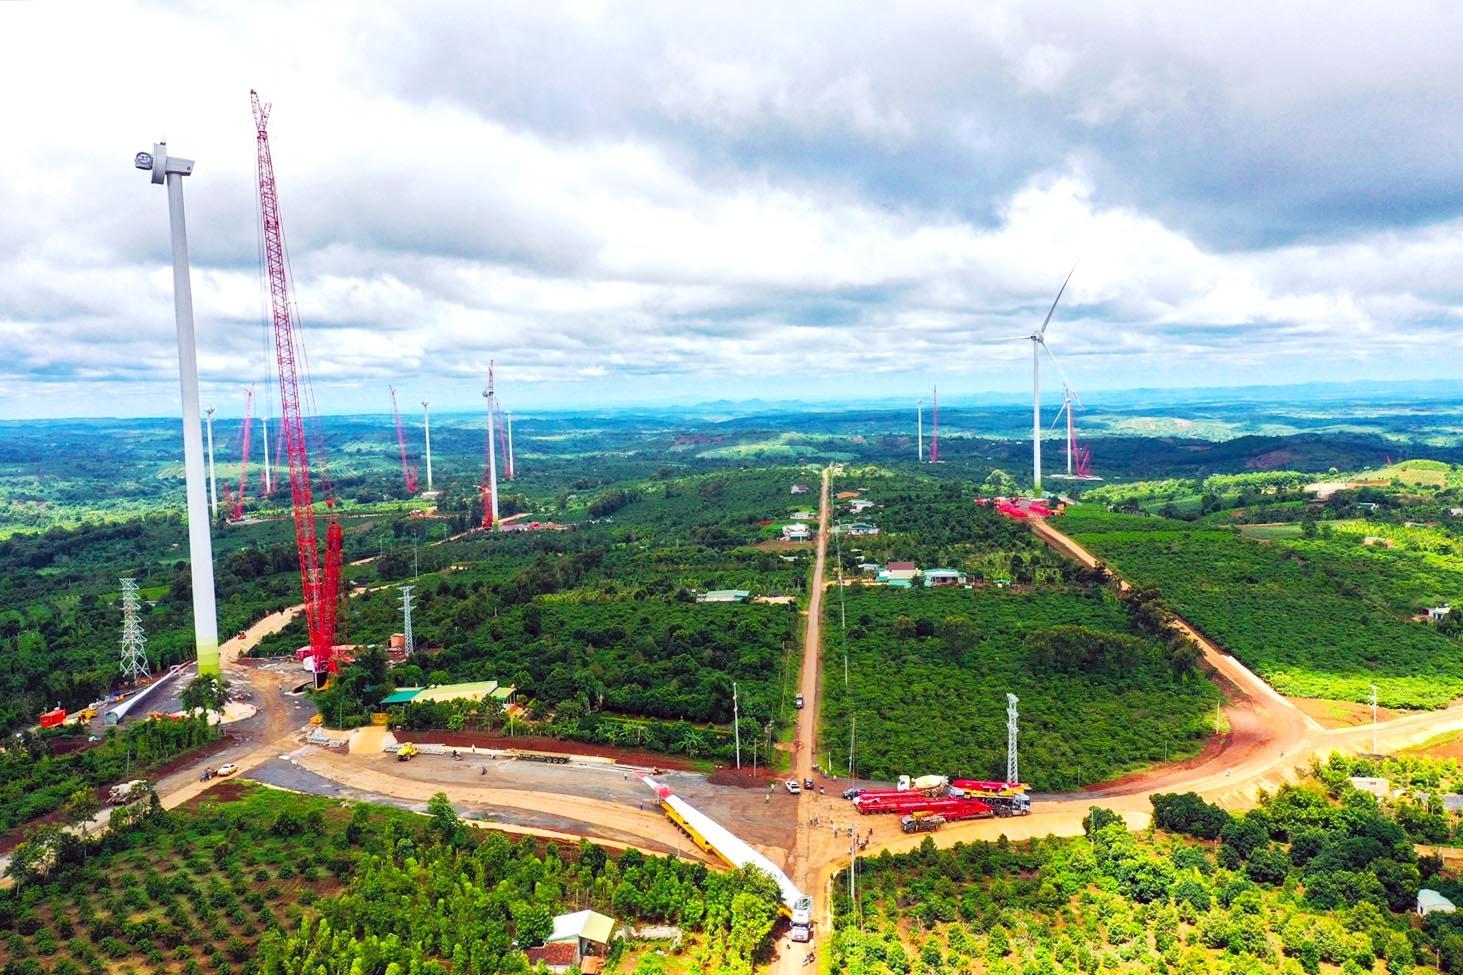 Công trường Dự án điện gió EaNam nằm trên tổng thể diện tích 6.000 ha, nên việc thi công bảo đảm hạn chế tập trung đông công nhân 1 chỗ